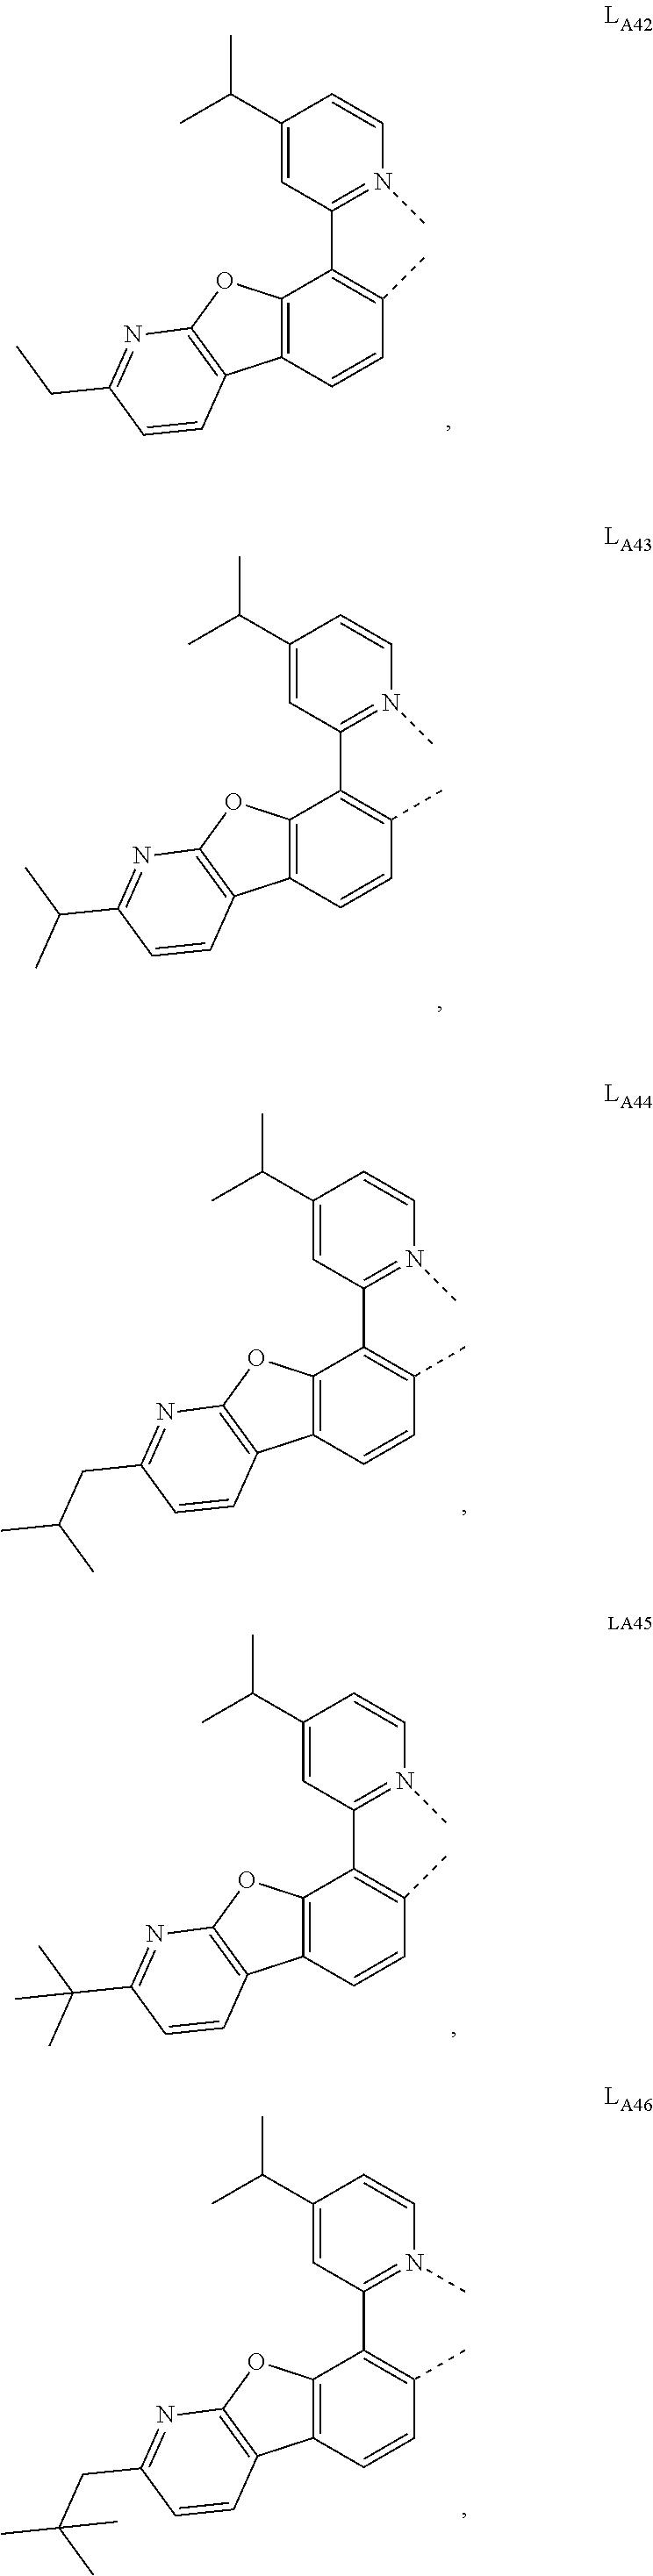 Figure US20160049599A1-20160218-C00409